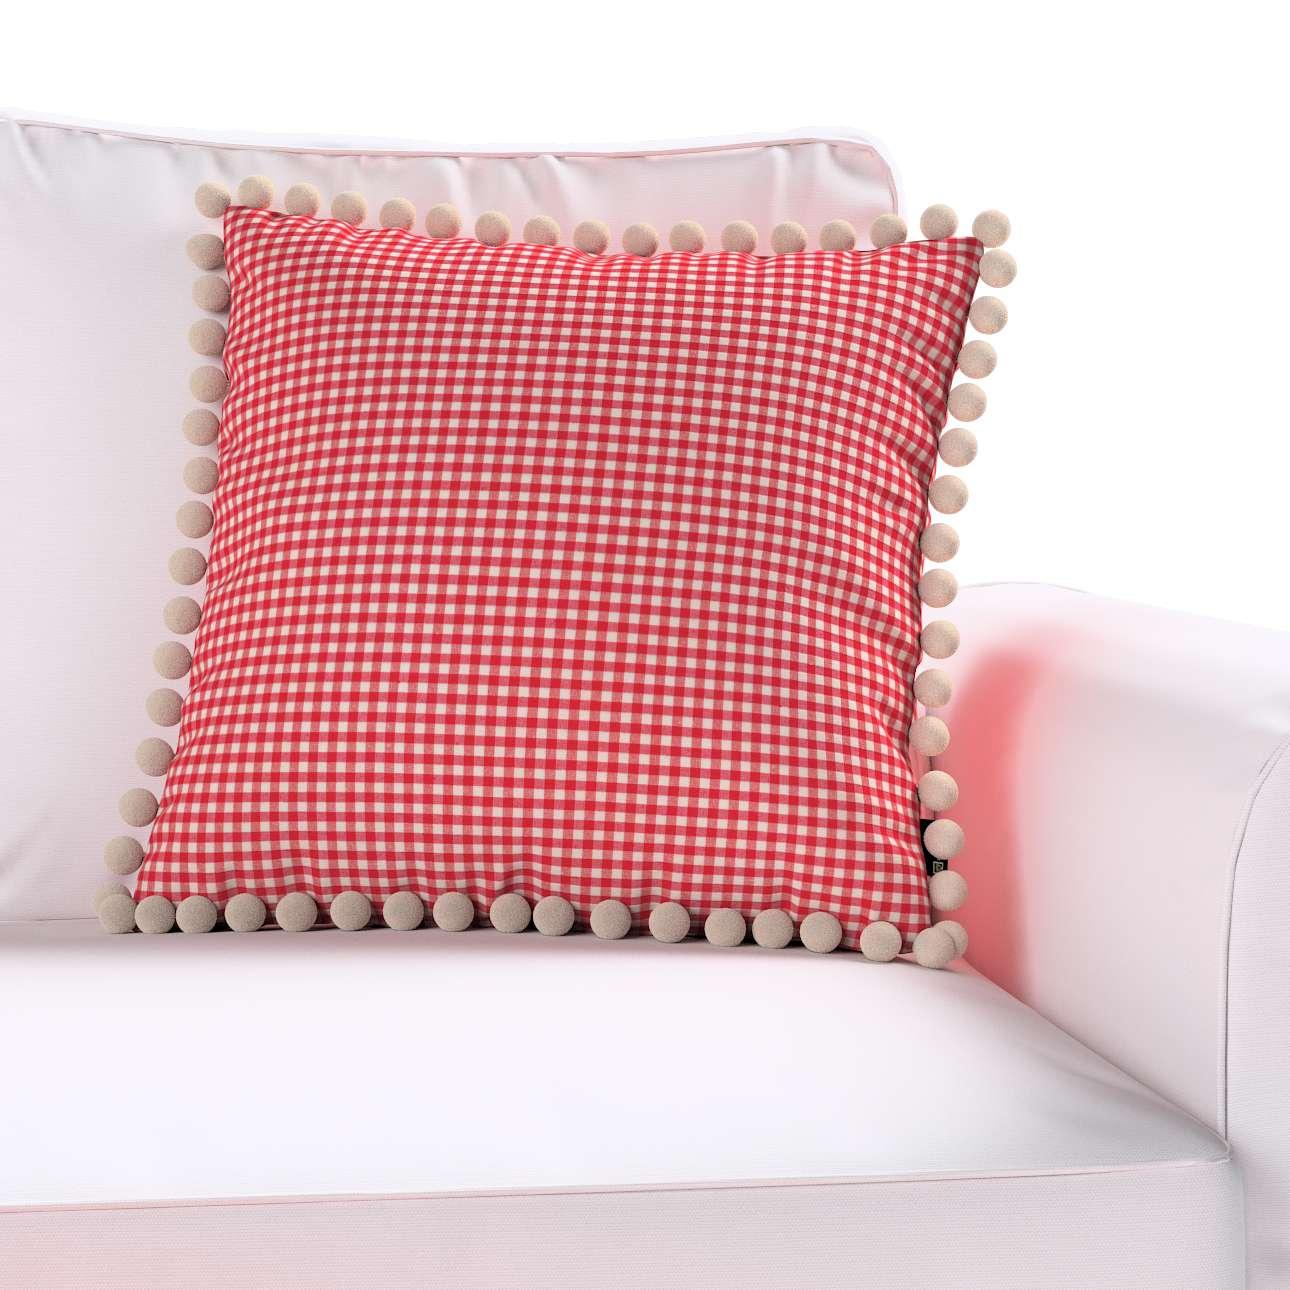 Wera dekoratyvinės pagalvėlės užvalkalas su žaismingais kraštais 45 × 45 cm kolekcijoje Quadro, audinys: 136-15